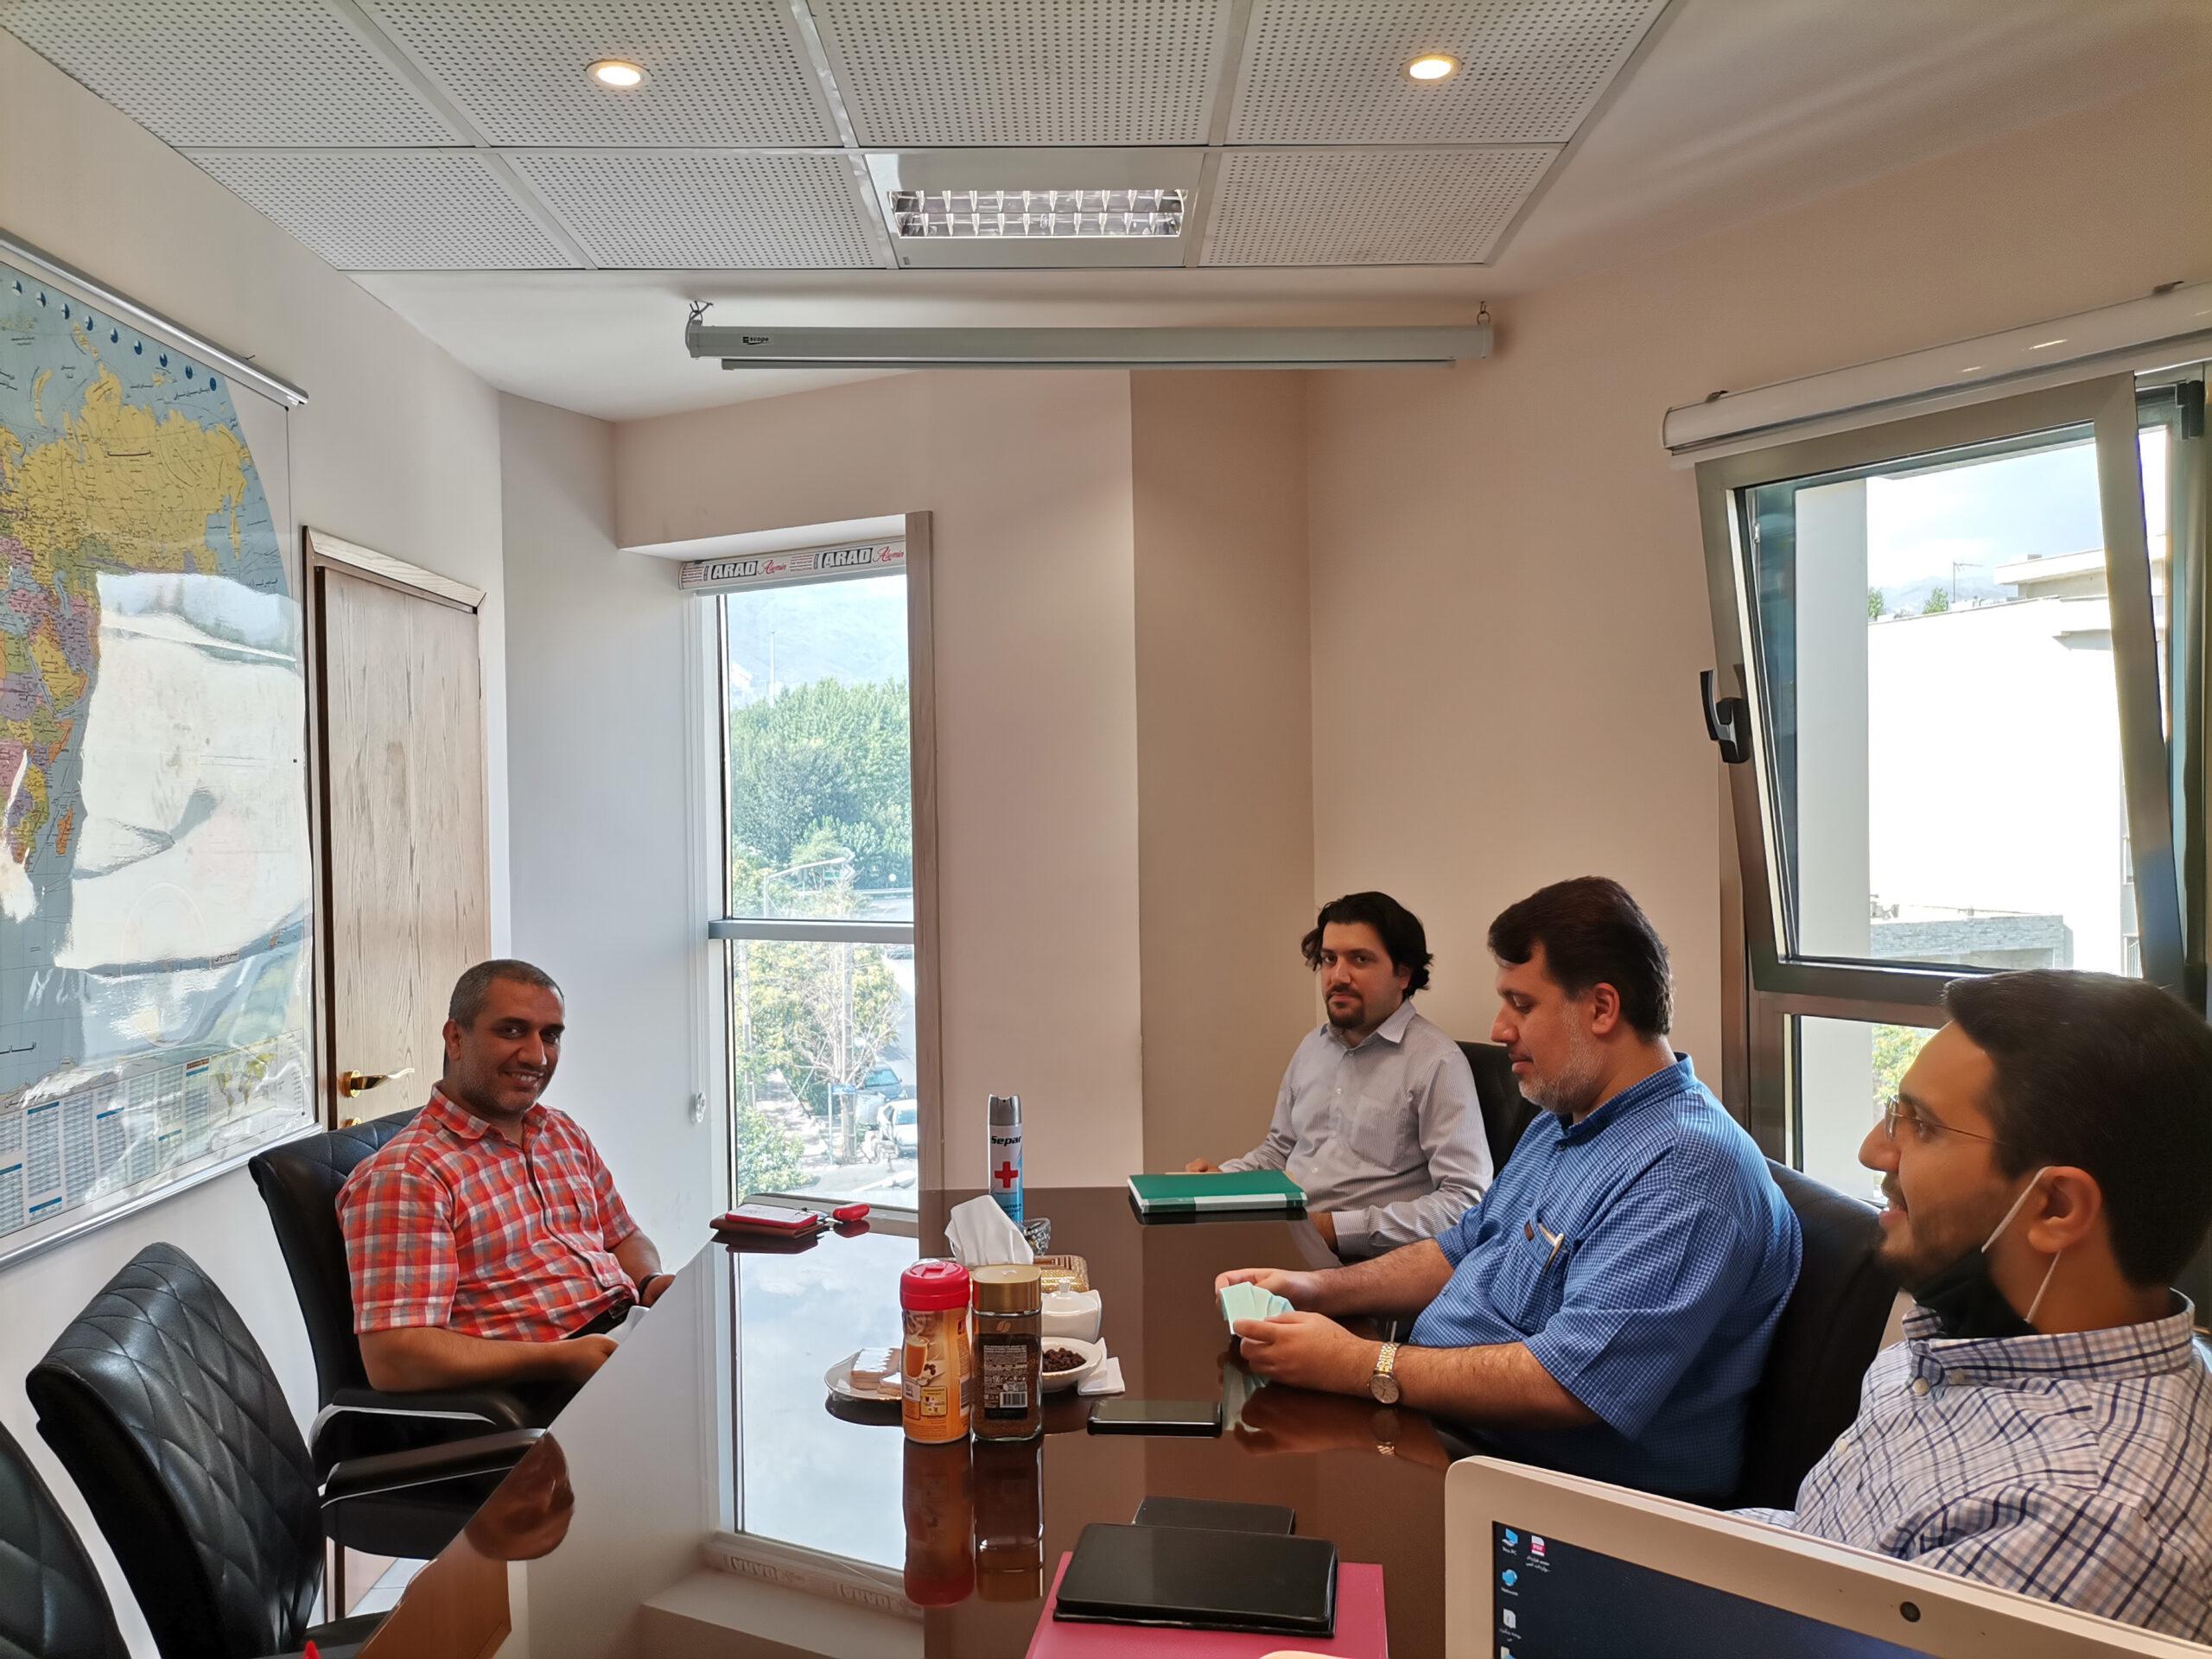 نشست هیئت مدیره زینو تجارت با آقای حامد پیشوایی مدیر عامل مجموعه آی توی